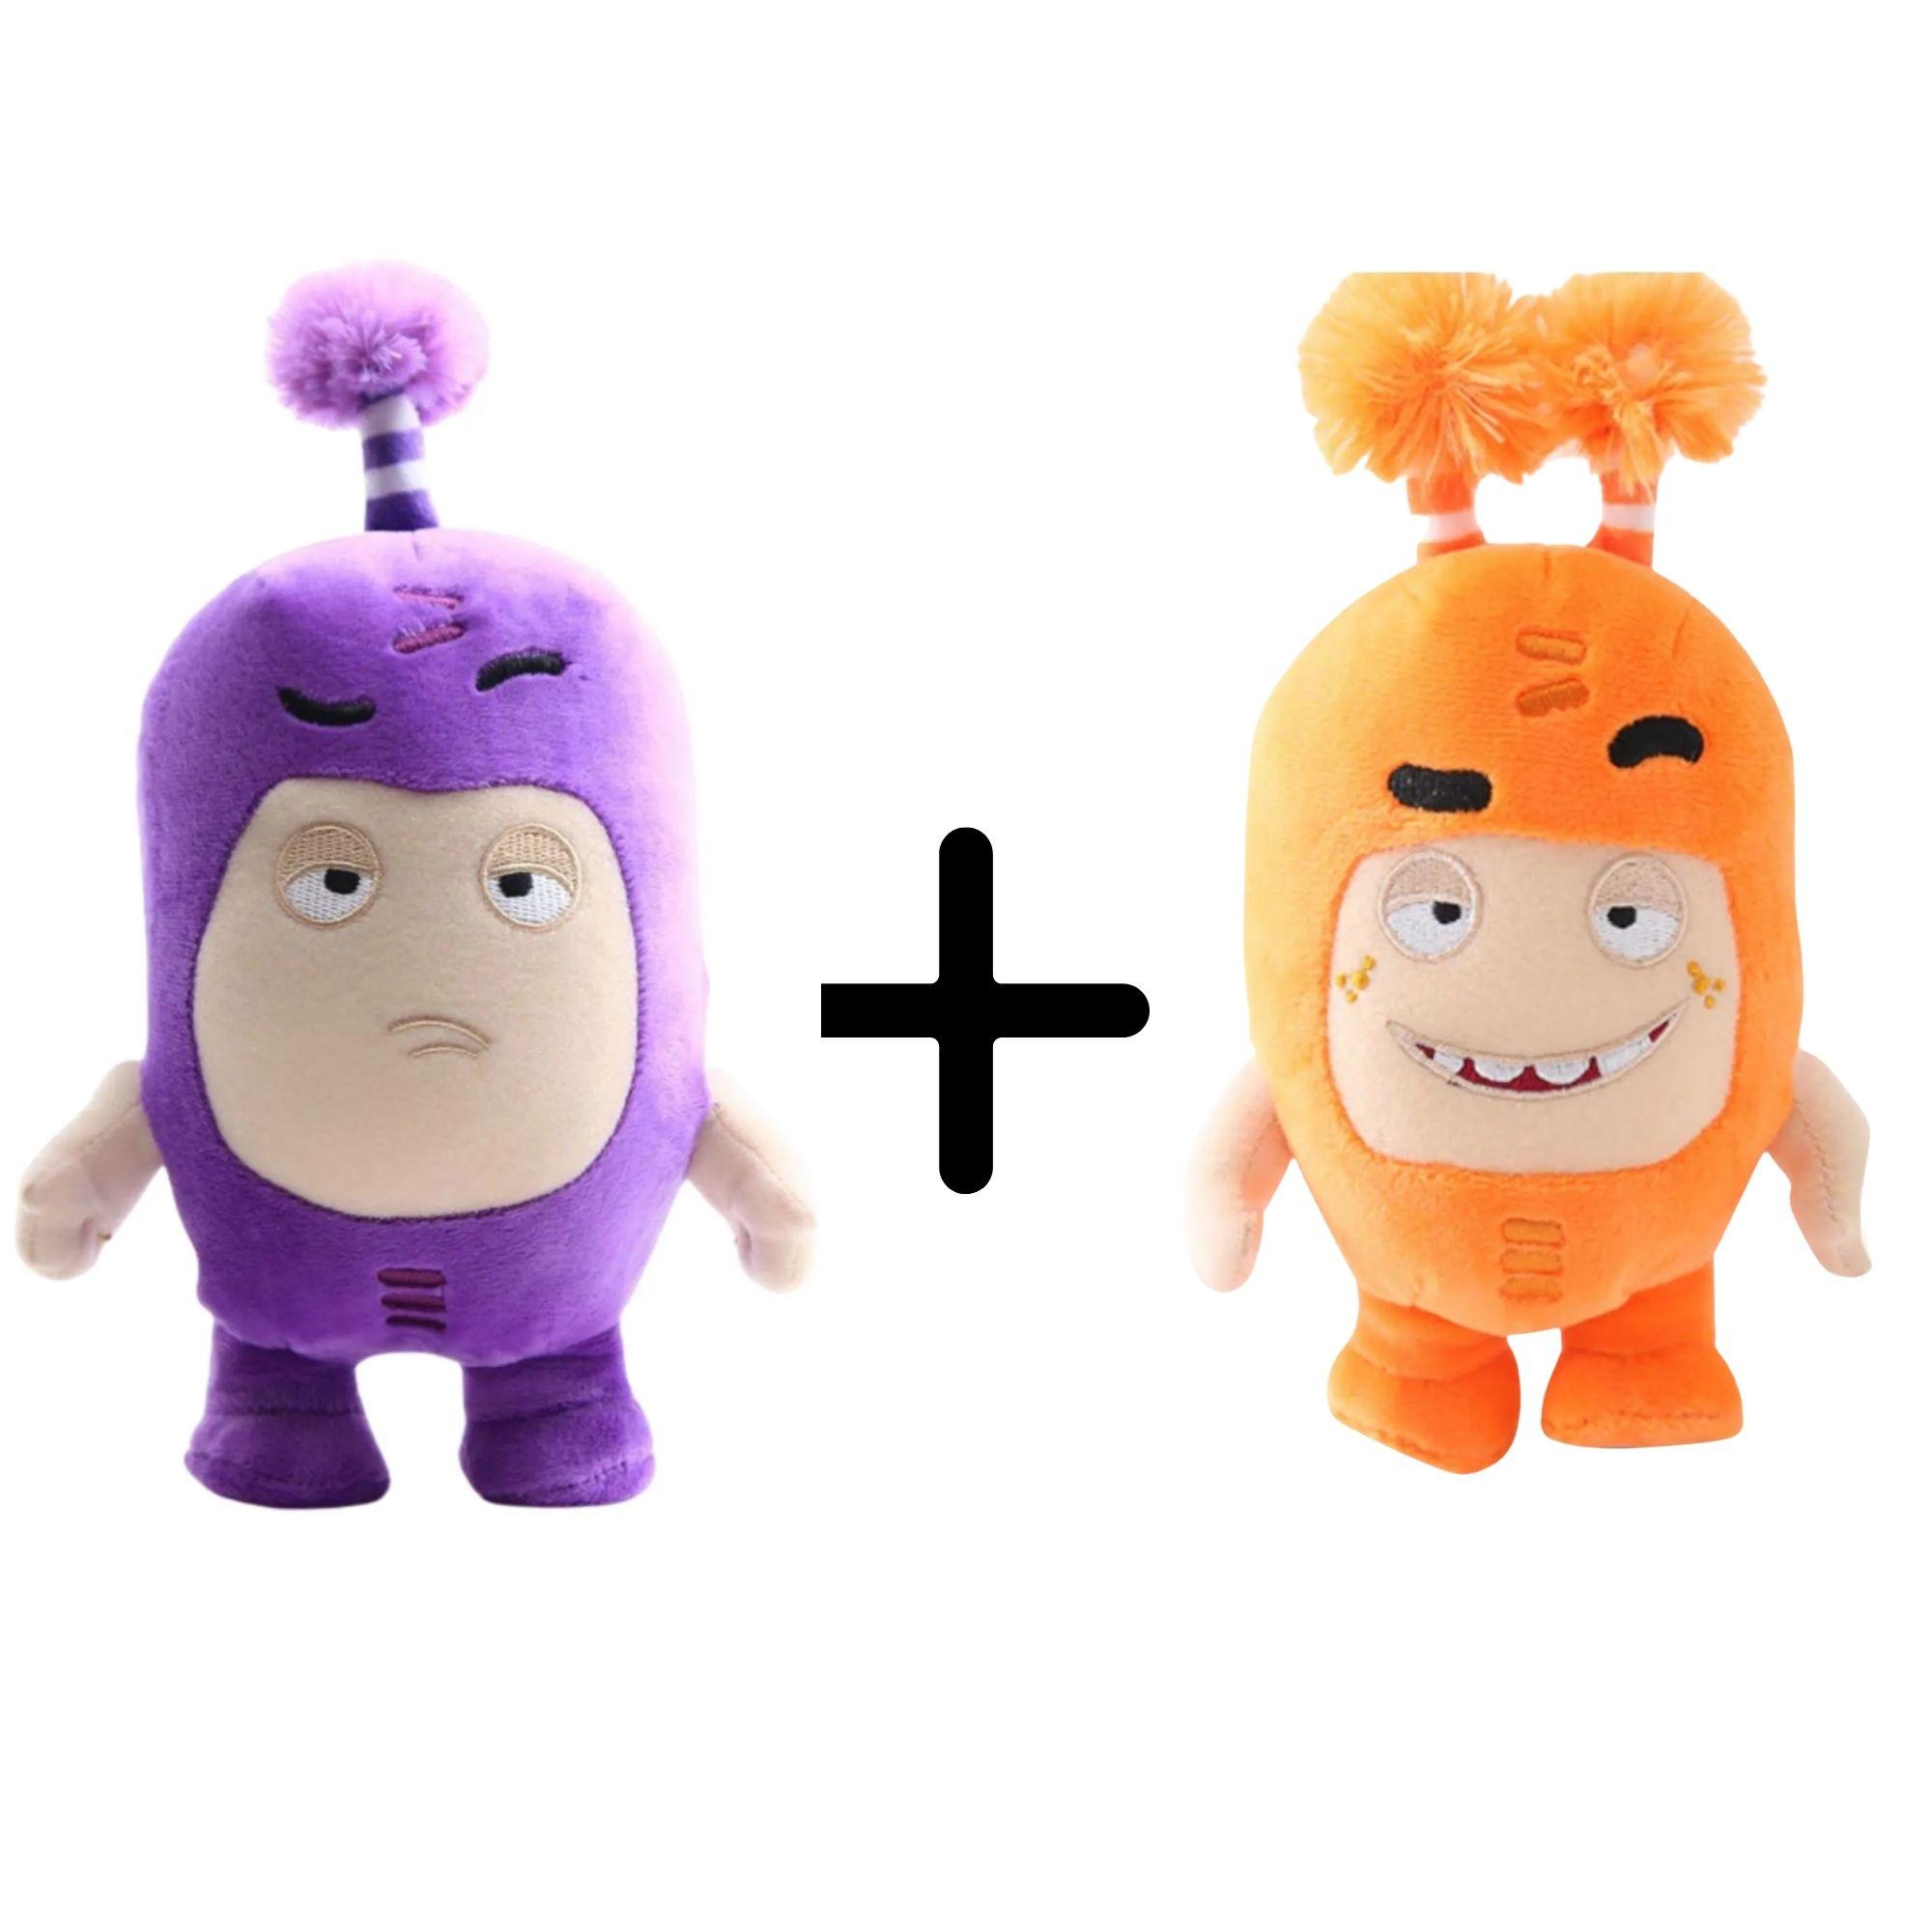 Kit com 2 Bonecos de Pelúcia Oddbods - 1 Laranja e 1 Roxo  - Game Land Brinquedos